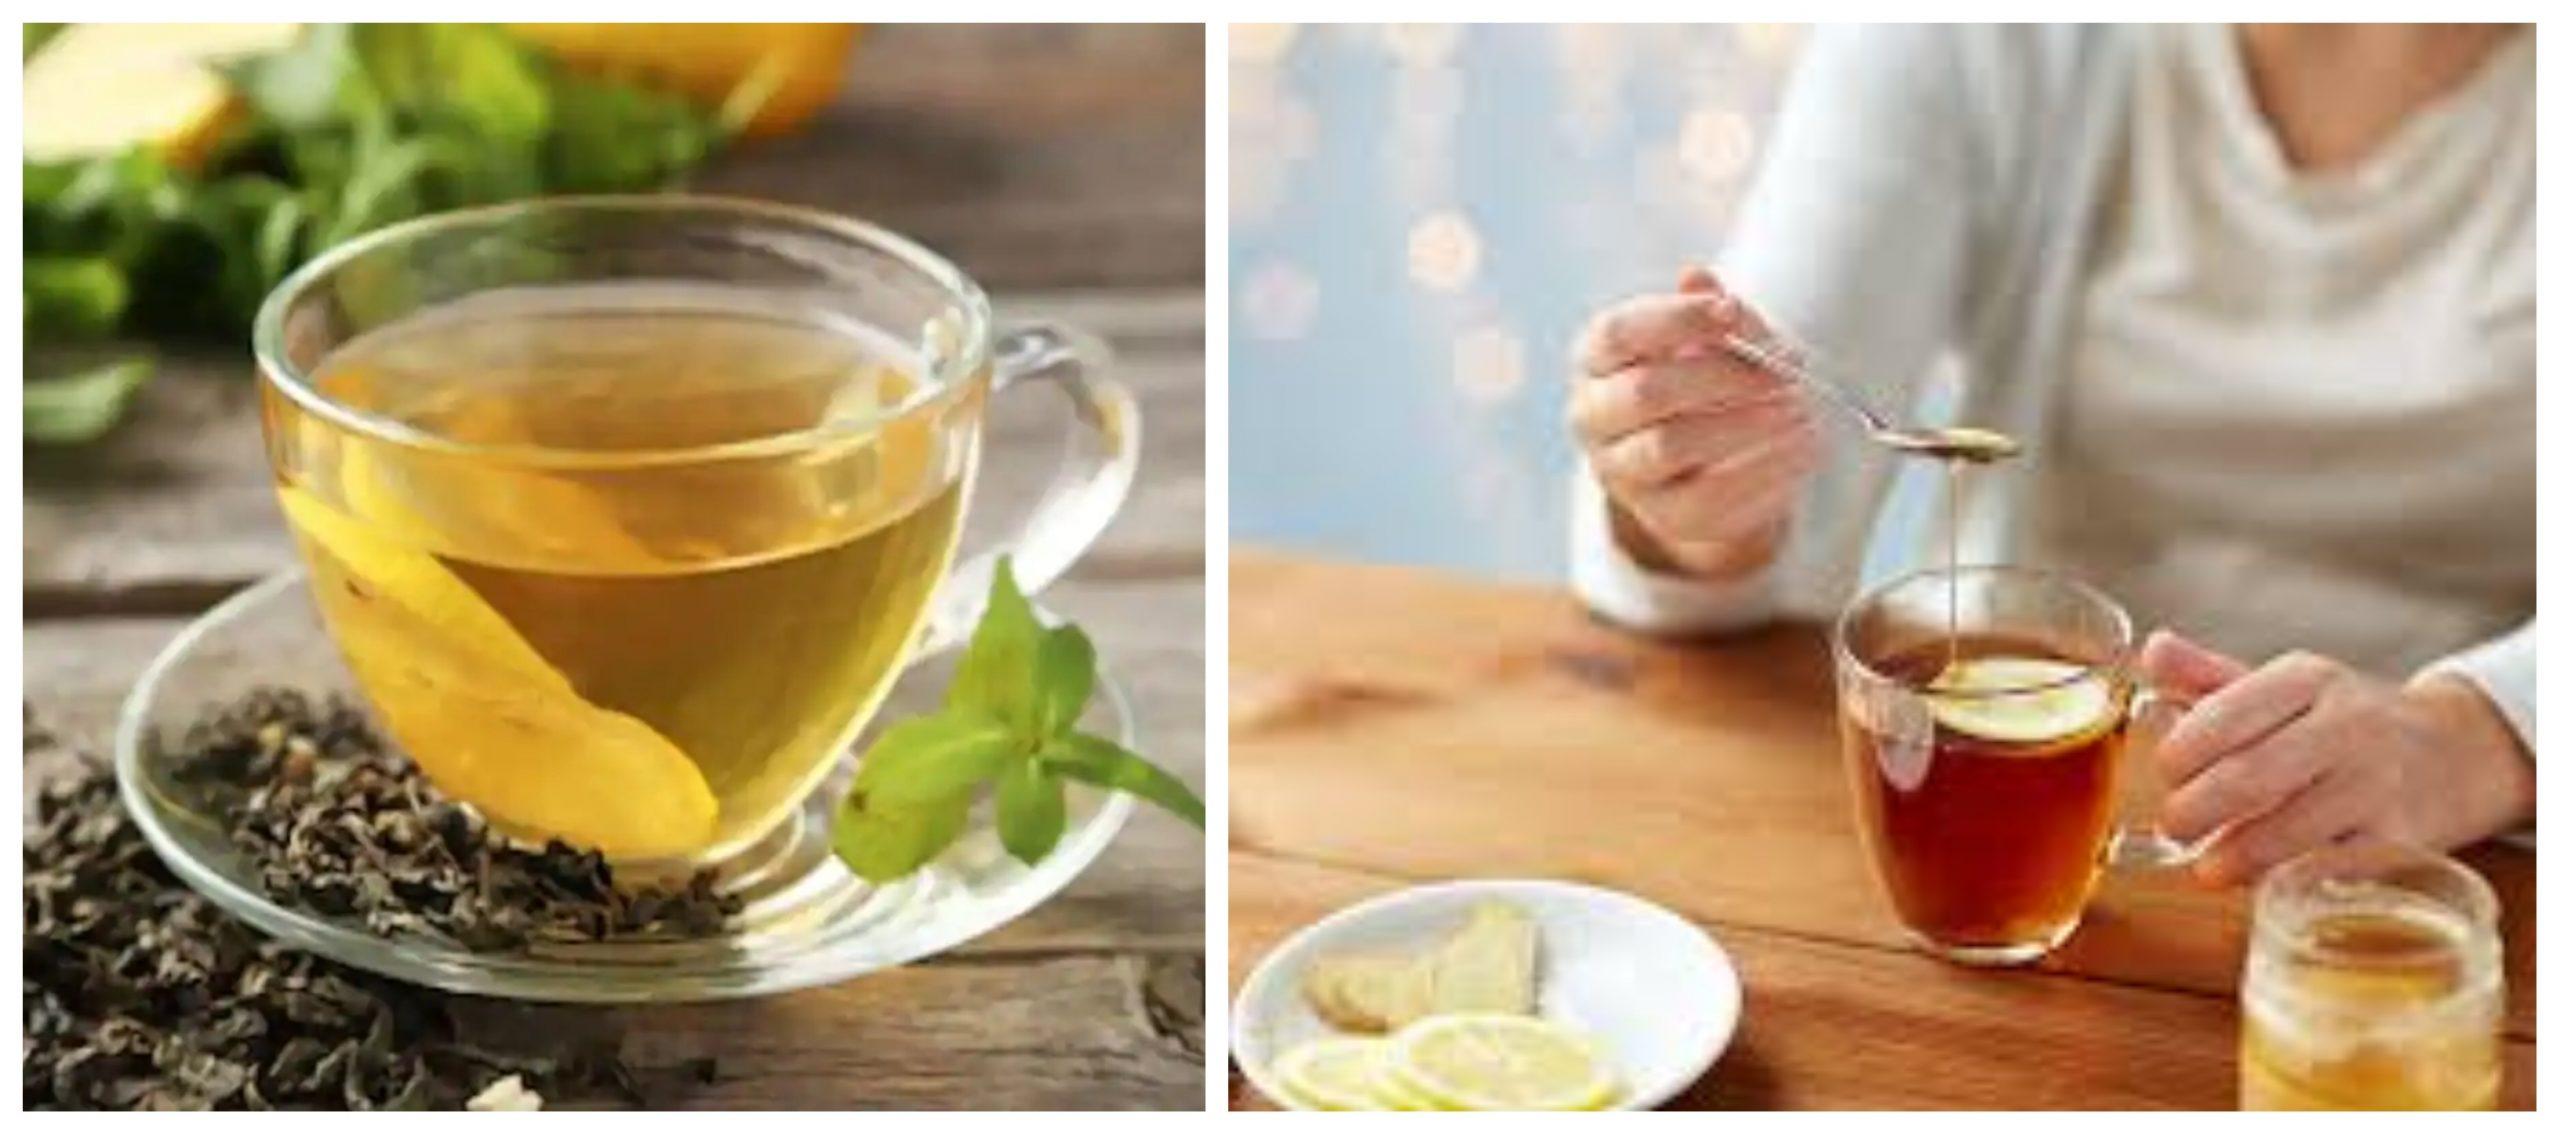 شاي الفلفل الأسود.. فوائد سحرية من تقوية المناعة إلى فقدان الوزن